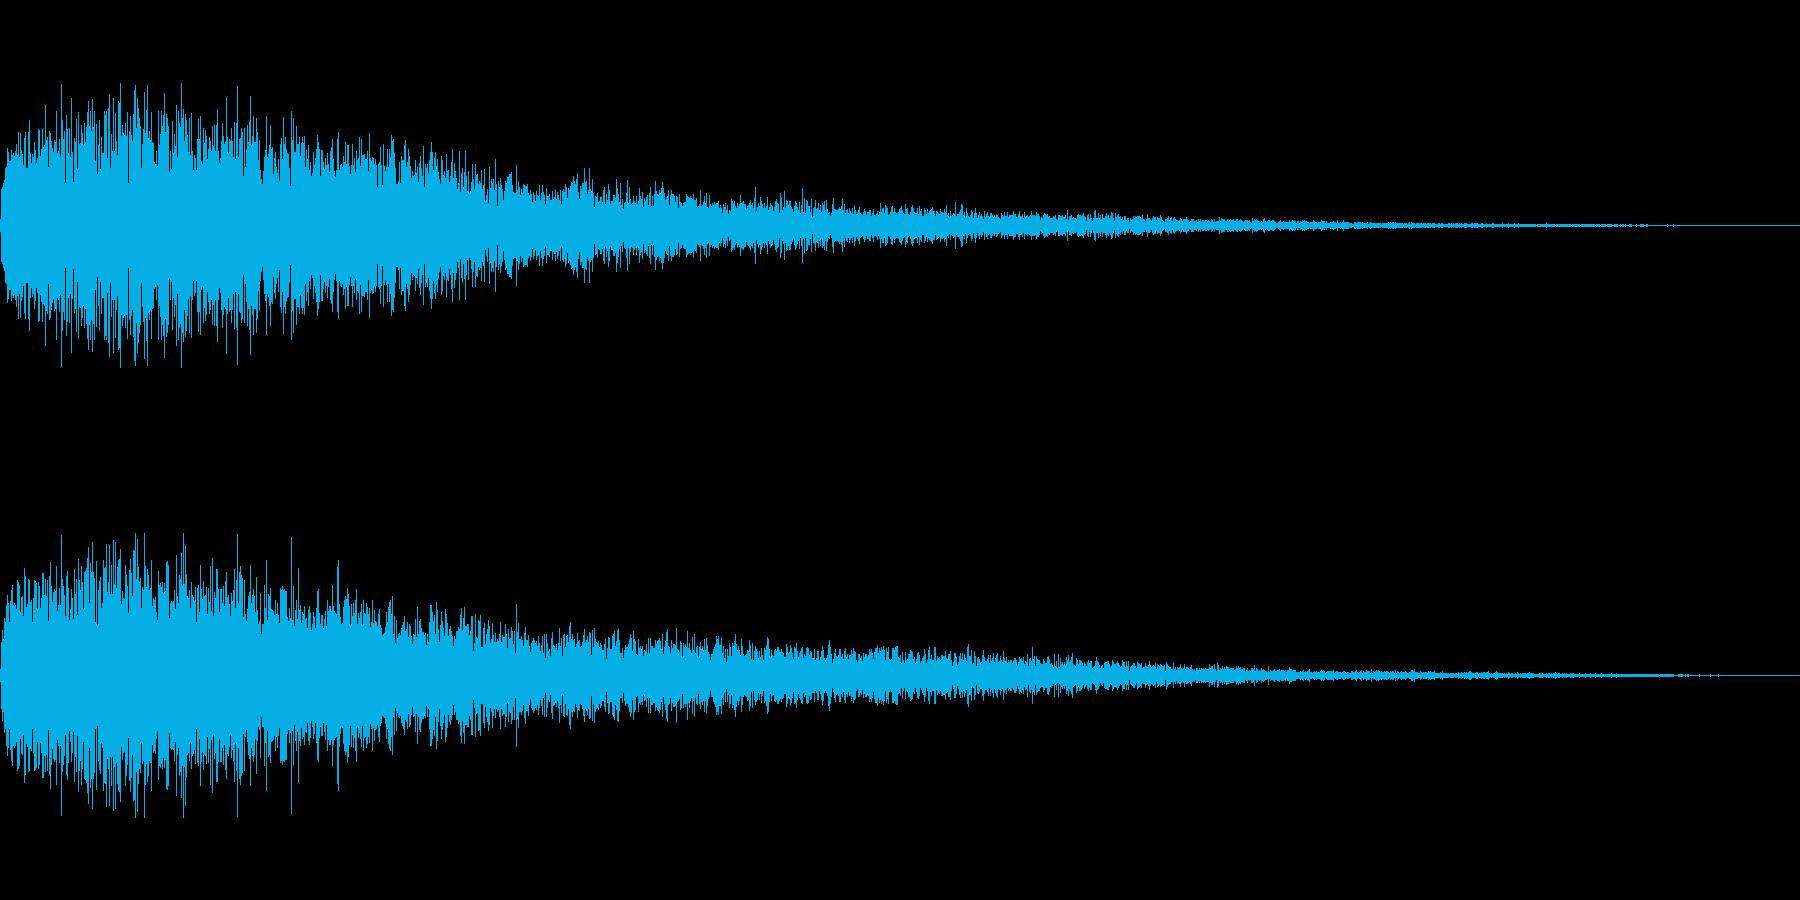 [ピュワーン]回復魔法・バフ(キラキラ)の再生済みの波形